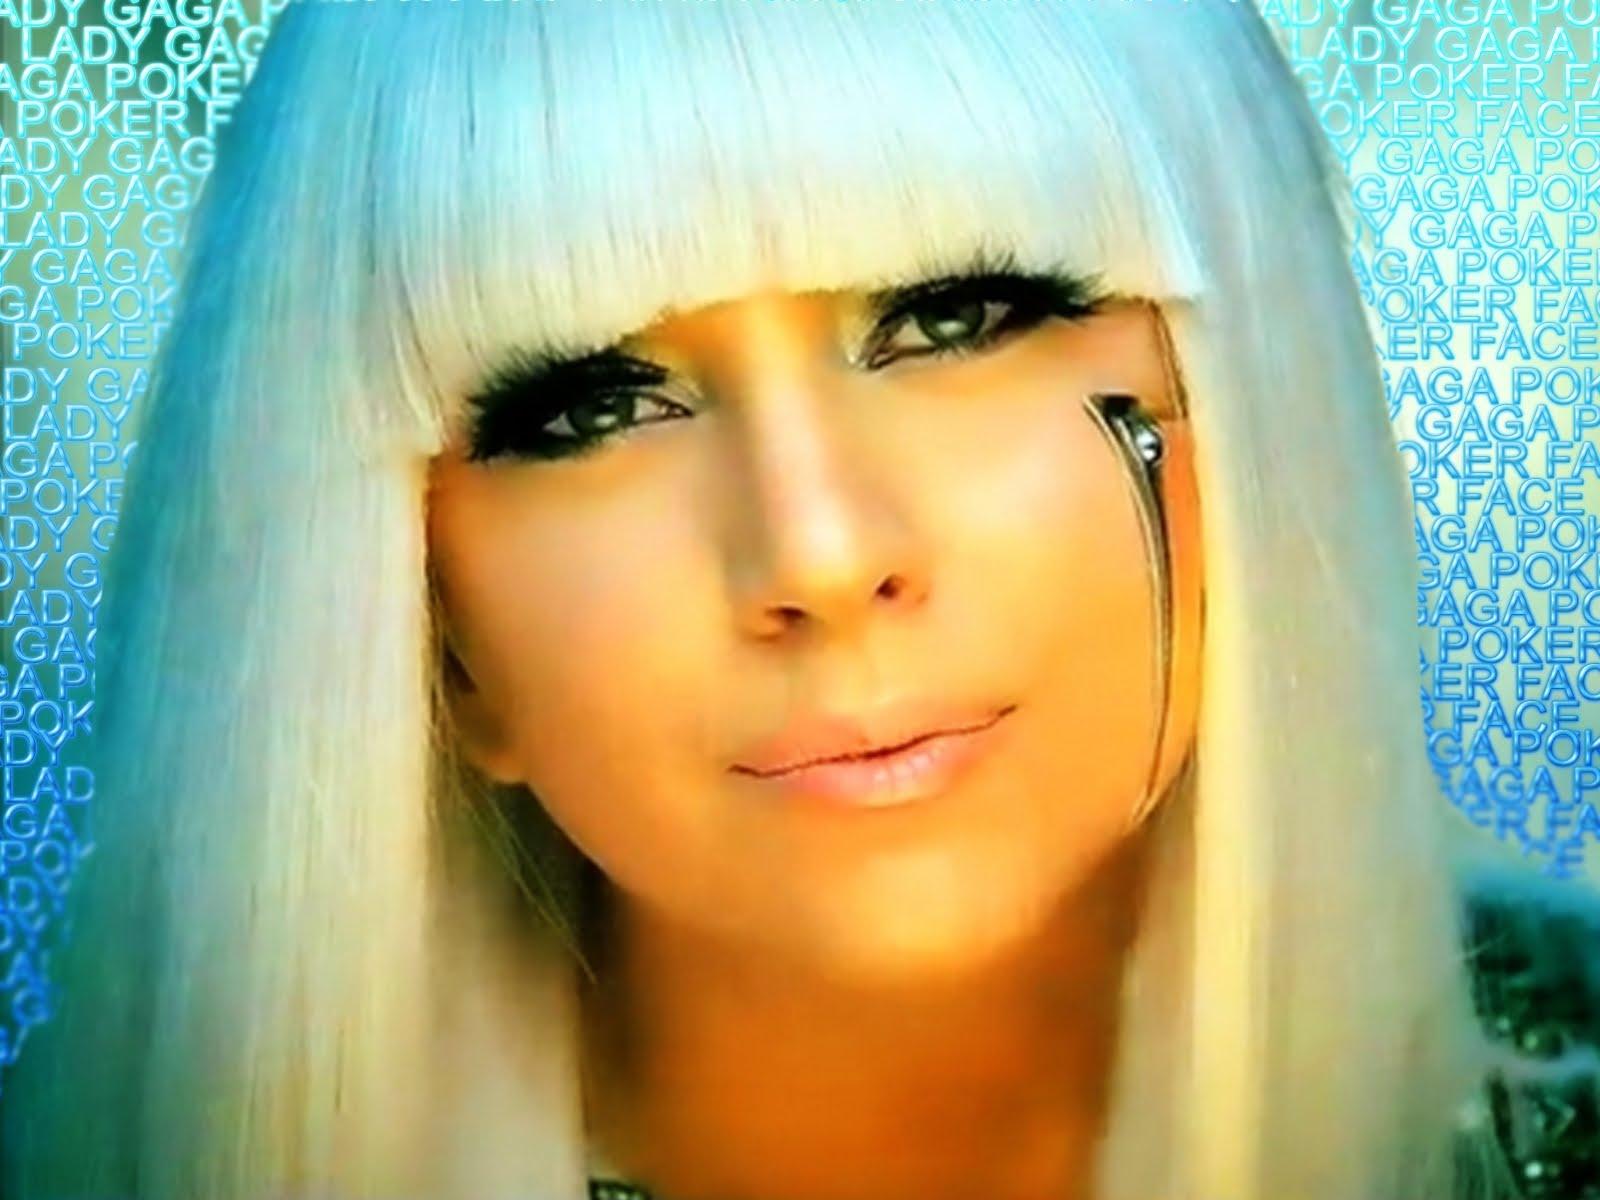 http://1.bp.blogspot.com/_aP9GCIsMWY0/S7kp-0GuDdI/AAAAAAAAAE8/QPh3QGXkscw/s1600/Lady-GaGa-lady-gaga-3355925-1600-1200.jpg